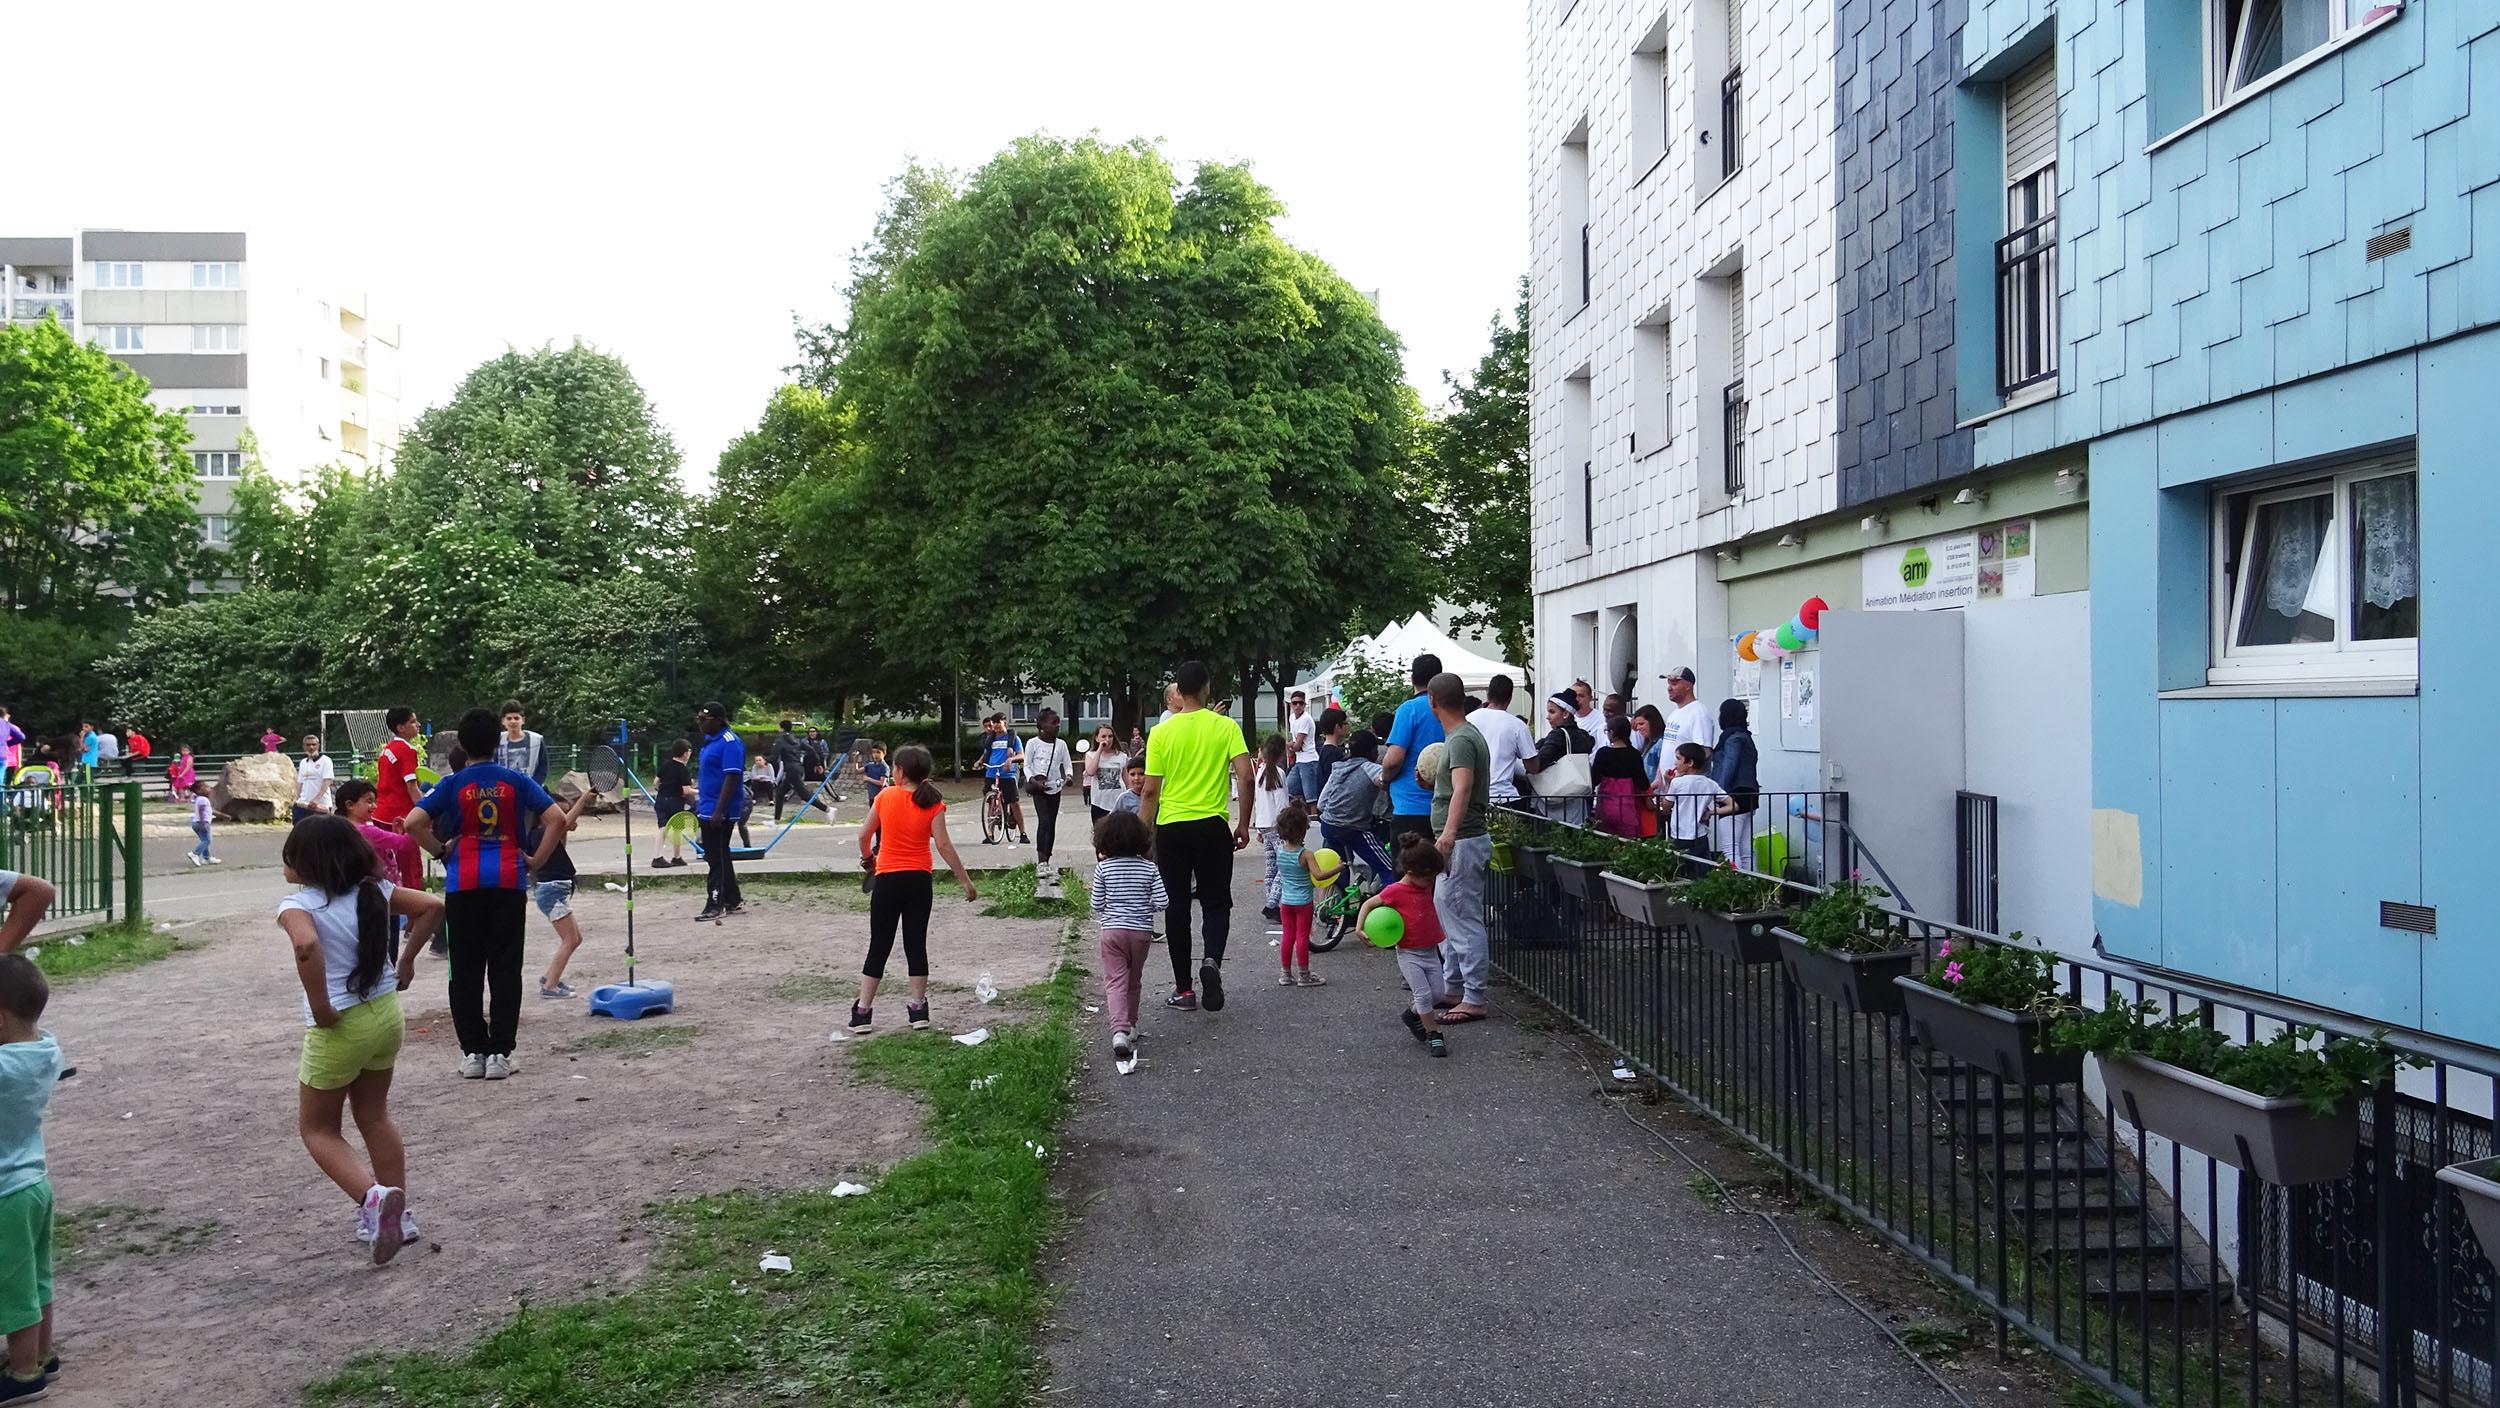 La fête des voisins 2017 à Hautepierre